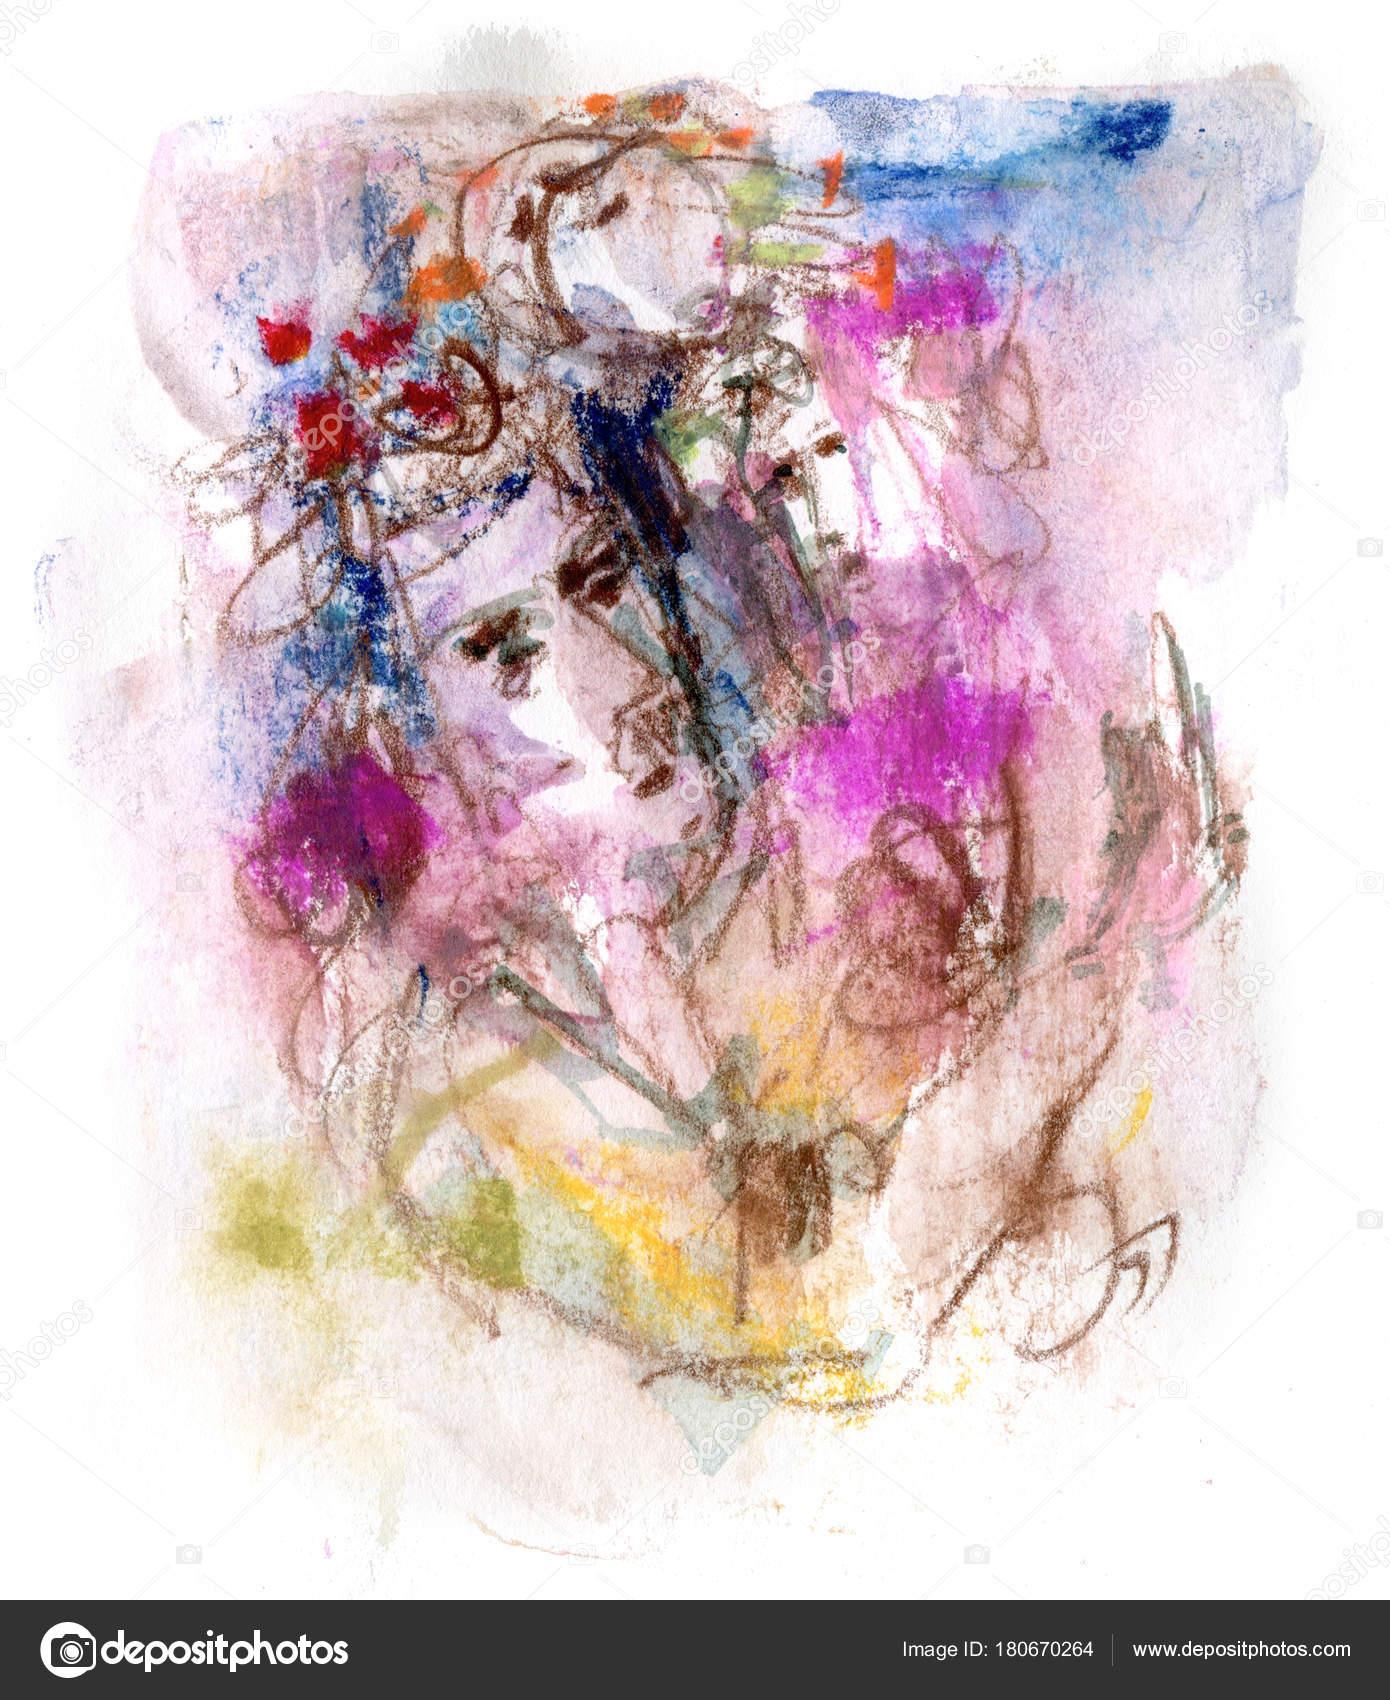 男と女芸術的なイラスト ストック写真 Kvocek 180670264